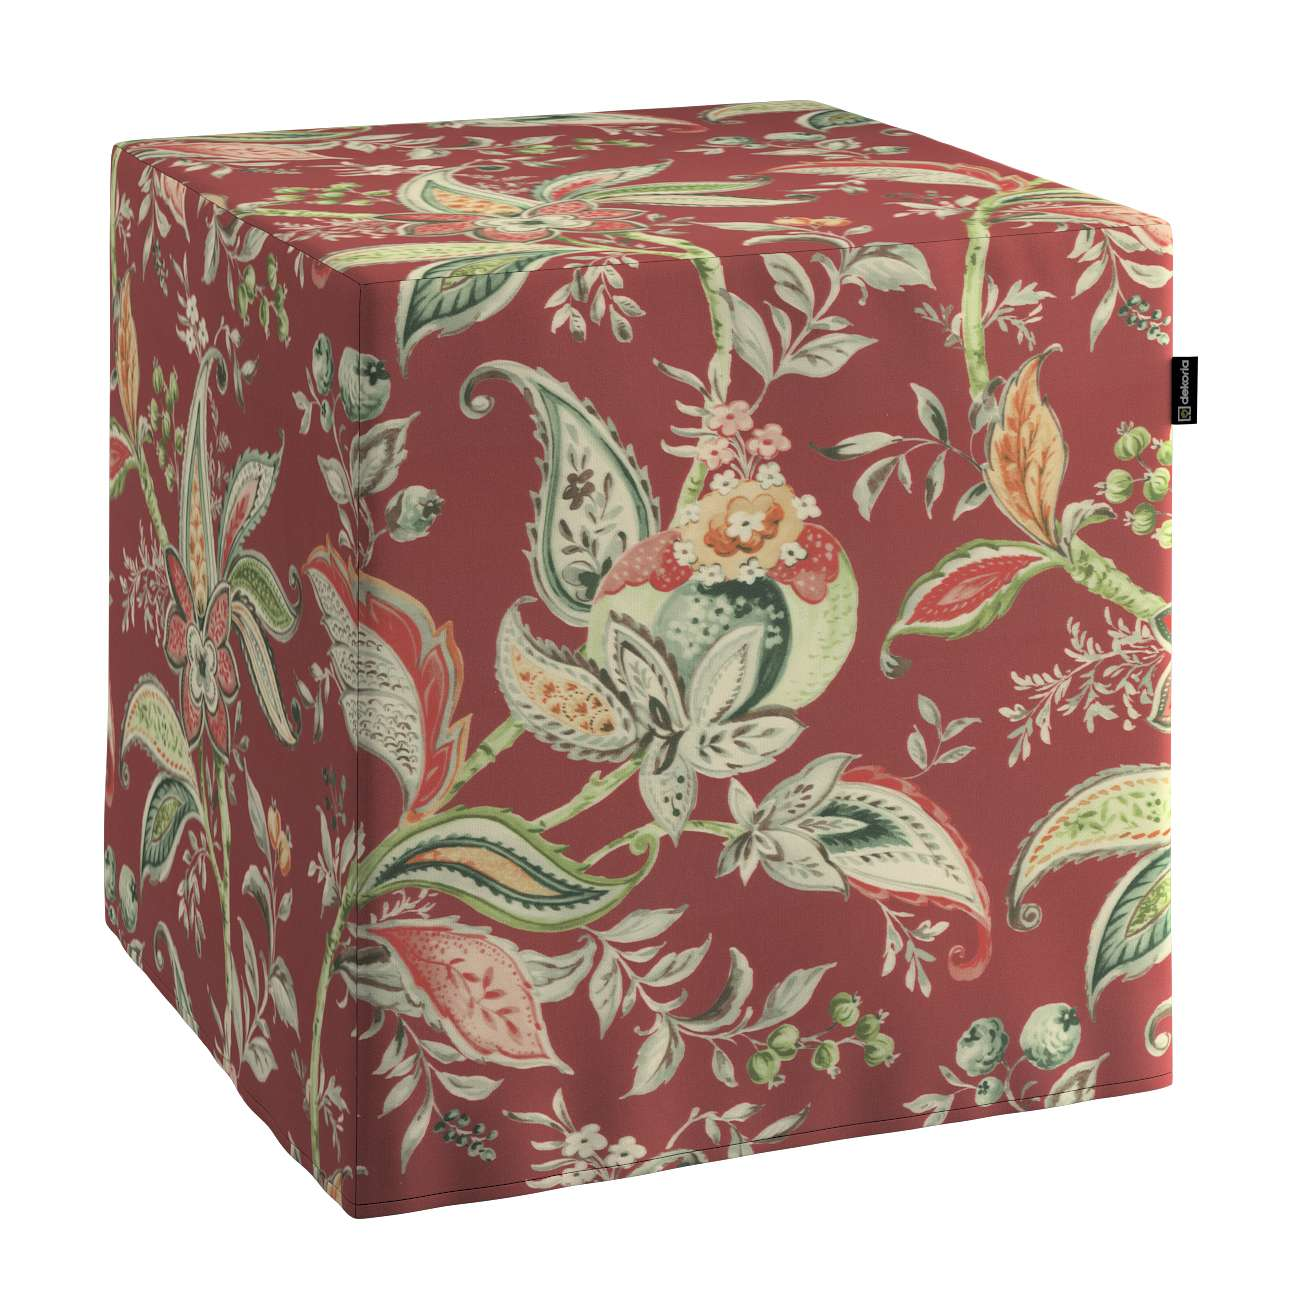 Pokrowiec na pufę kostkę w kolekcji Gardenia, tkanina: 142-12